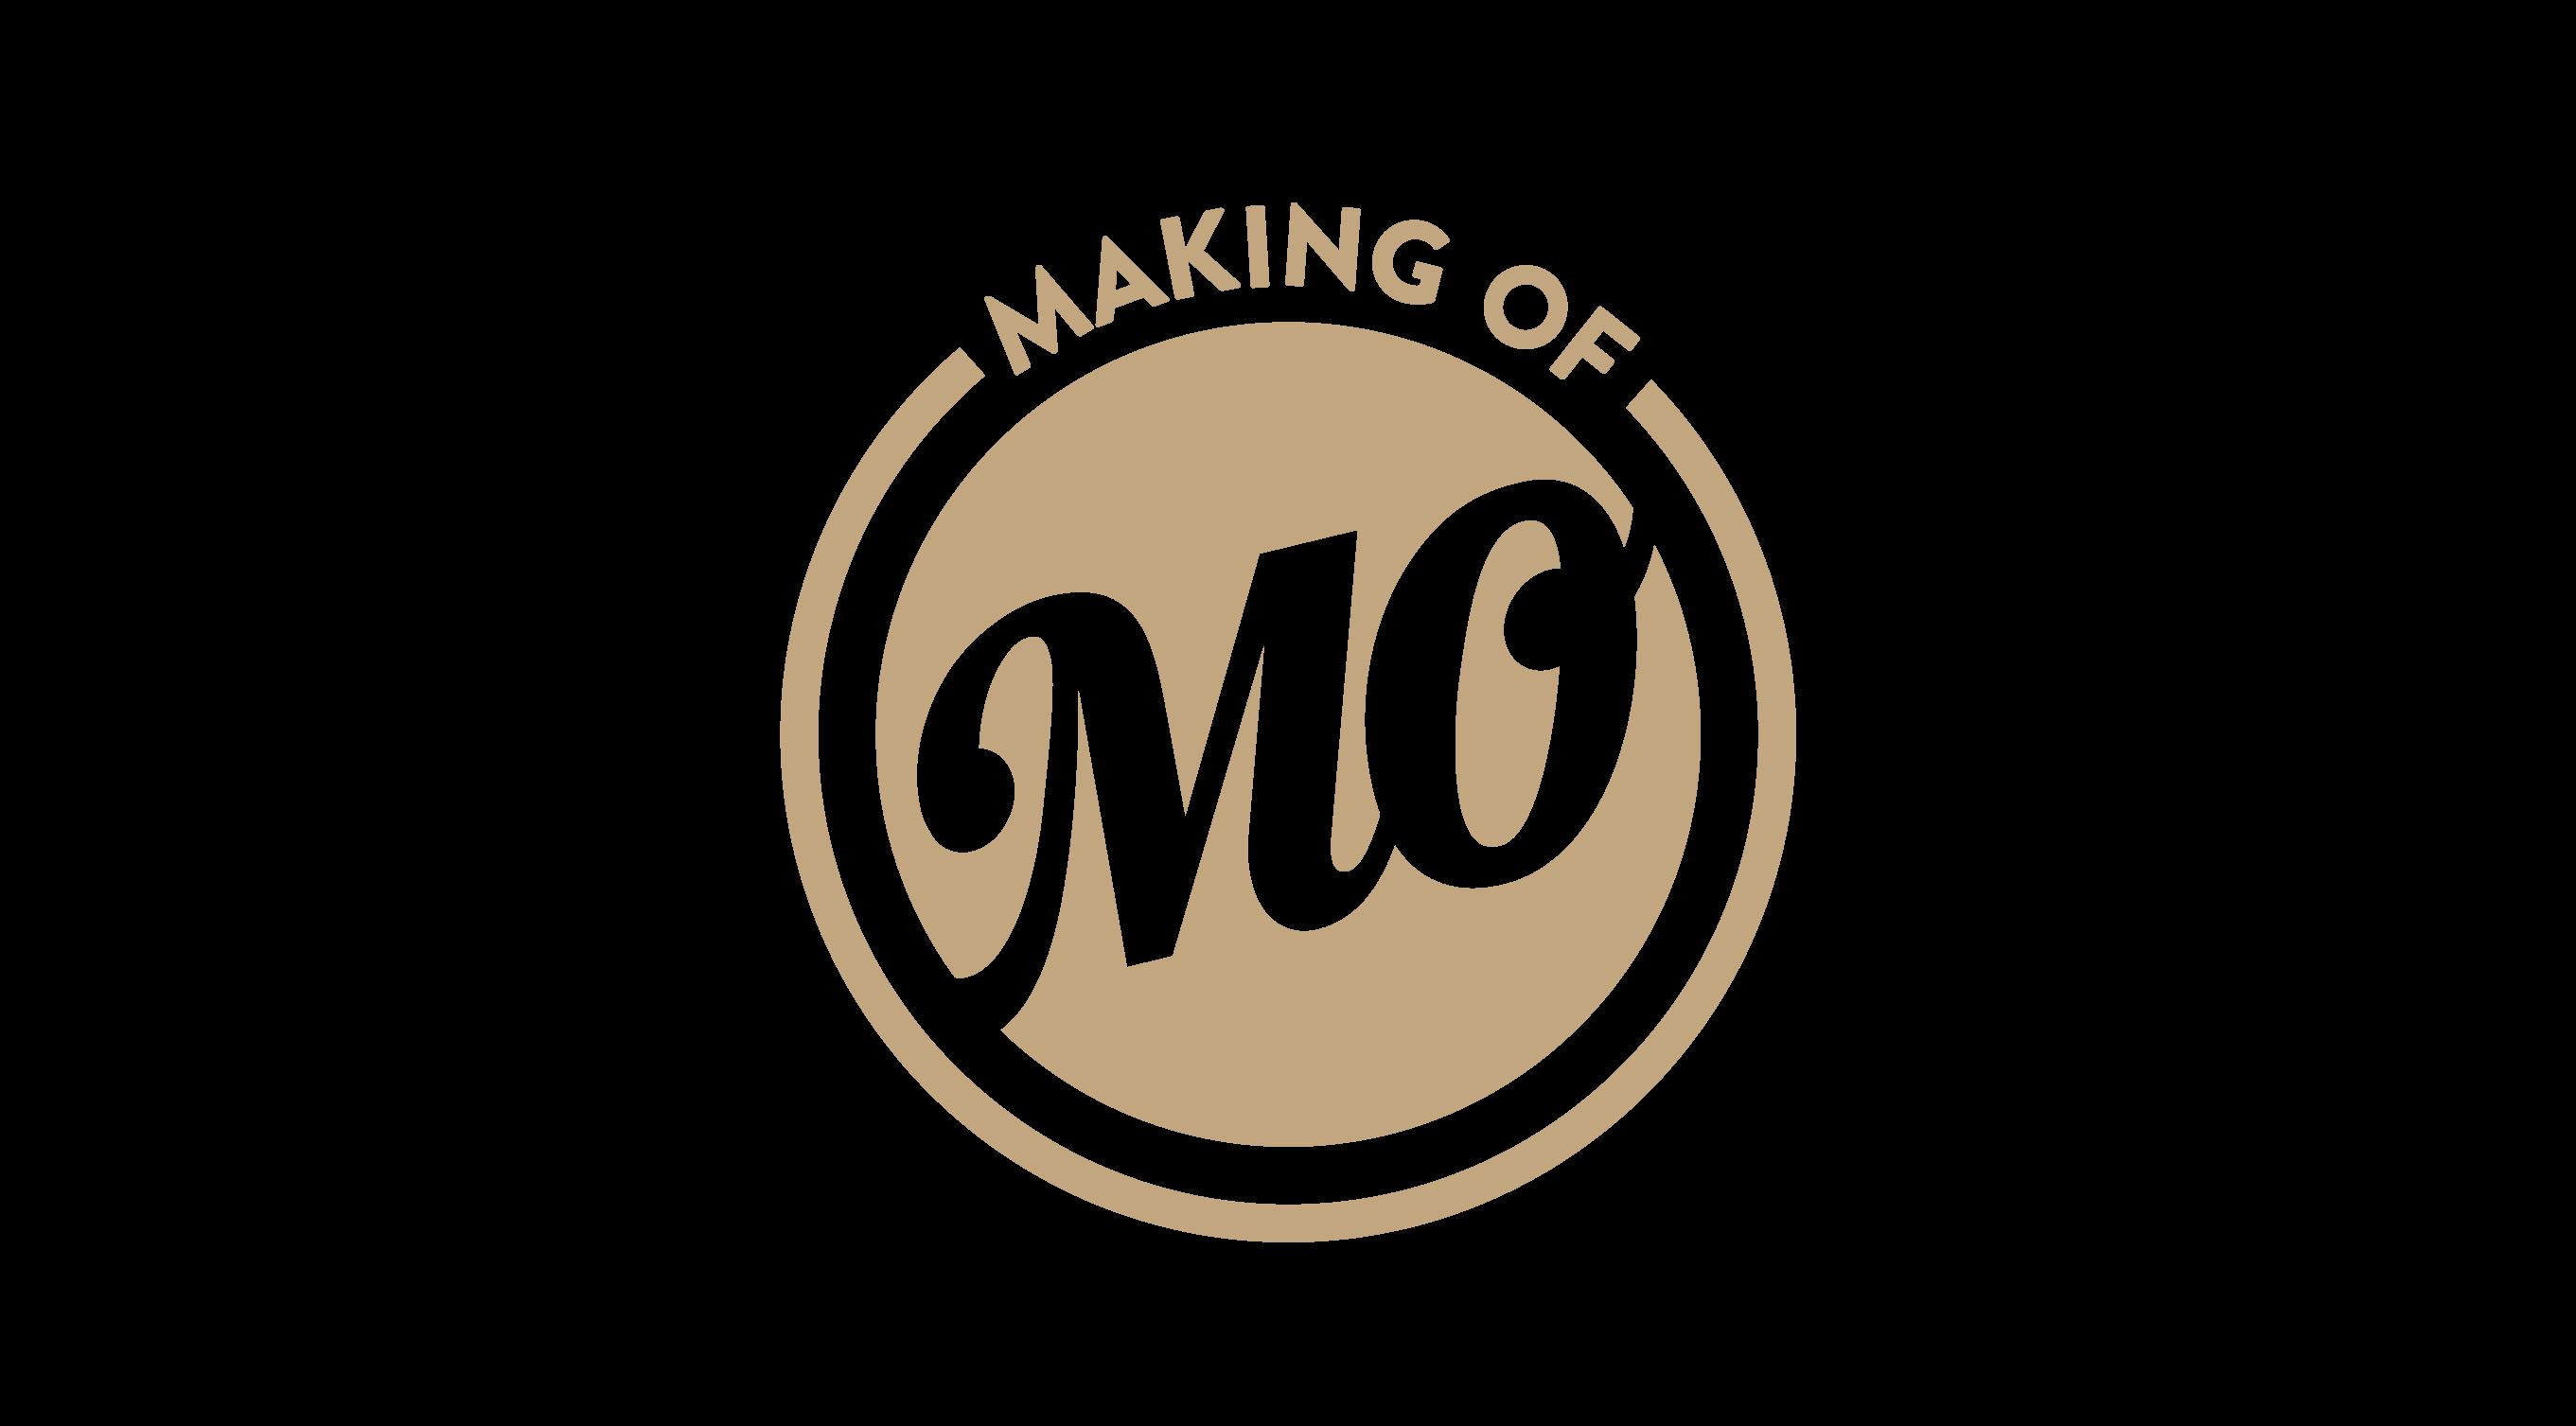 Professioneel logo ontwerp voor Making-of door een grafisch ontwerper